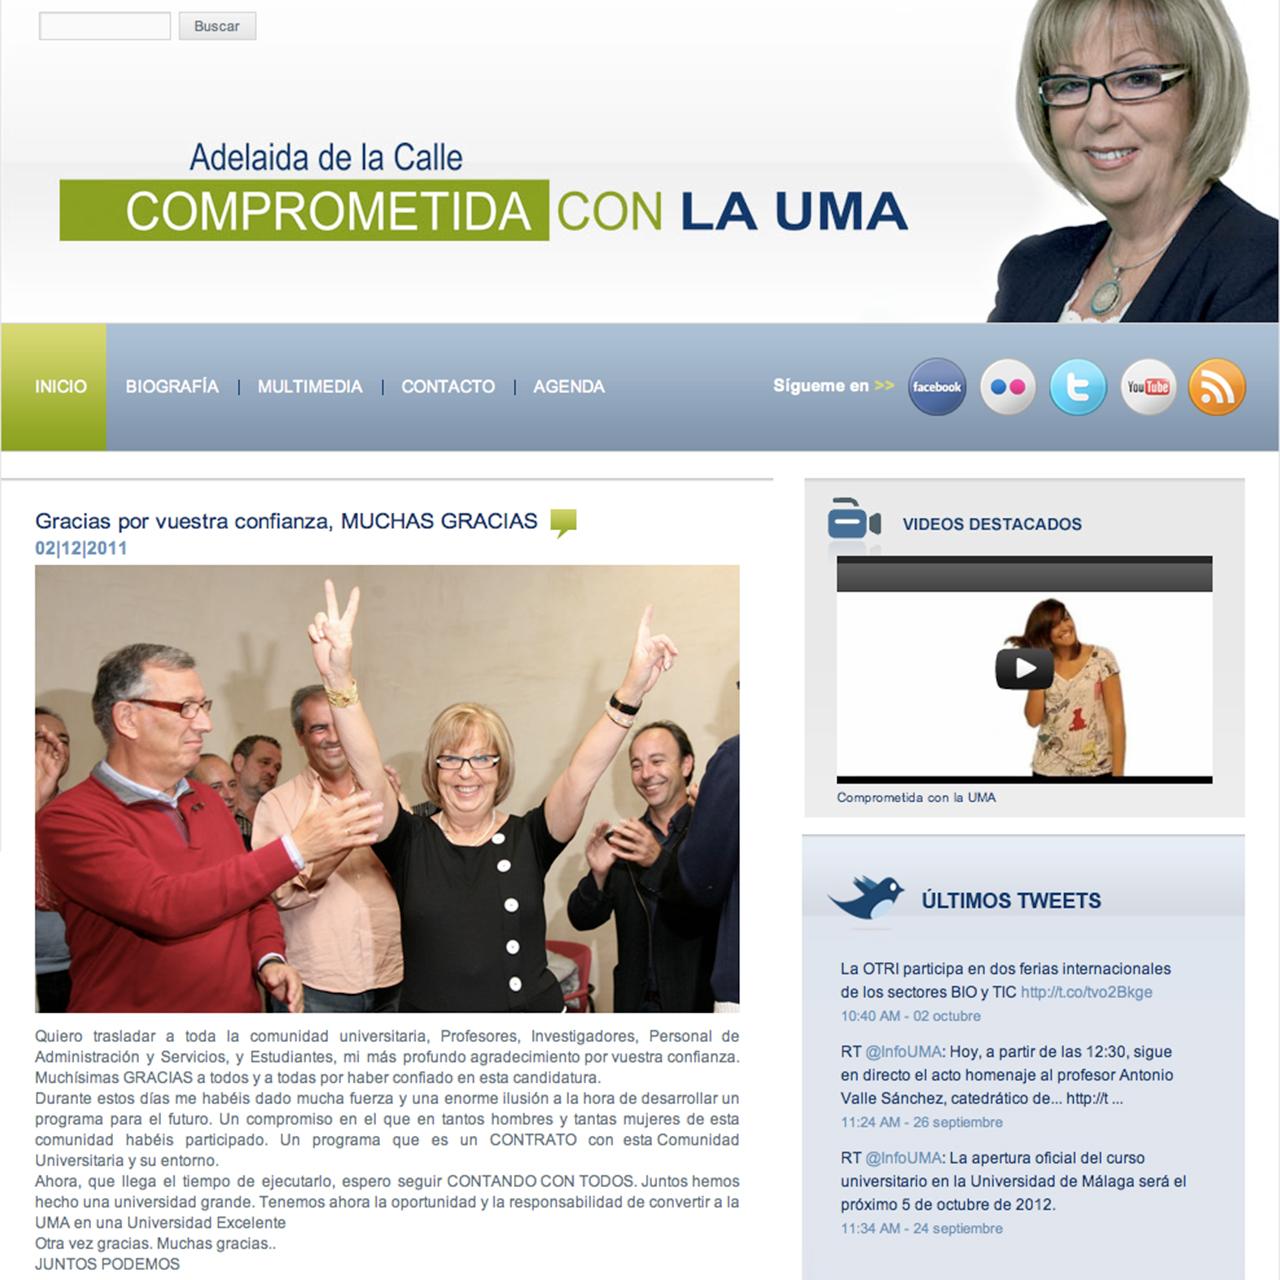 Adelaida de la Calle (Candidatura a Rectora de la Universidad de Málaga)